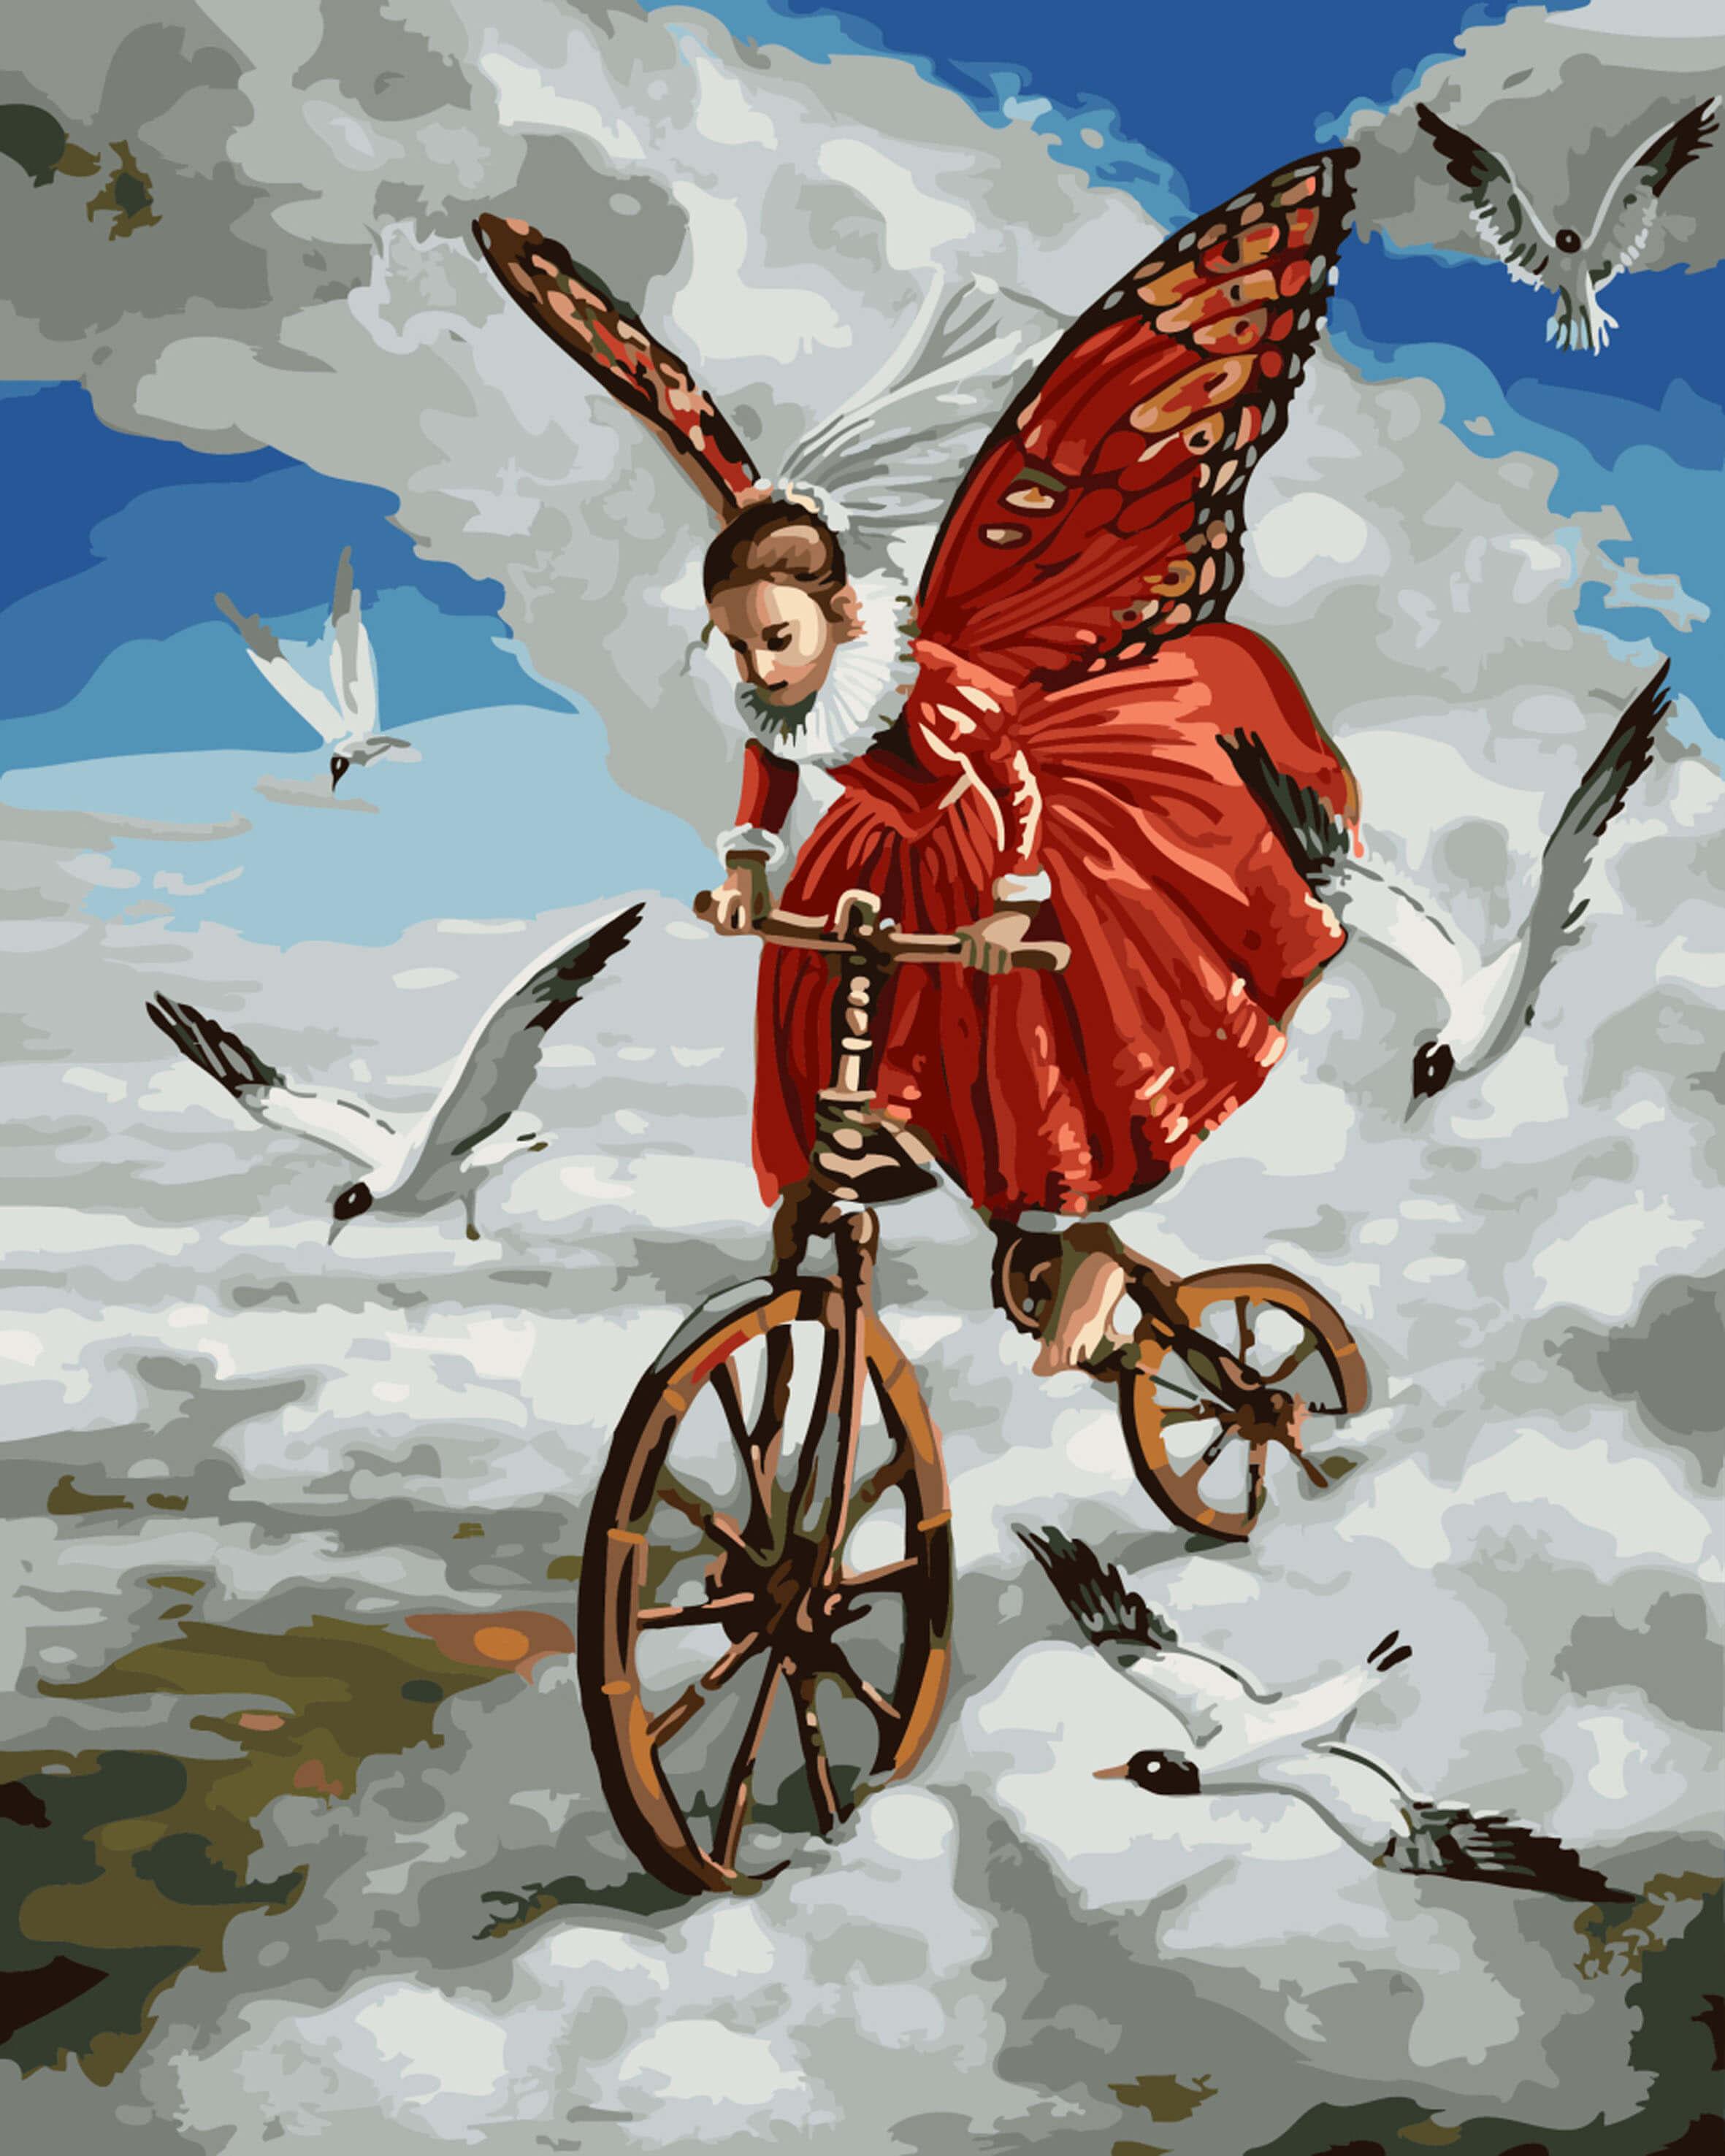 Картинки, открытка на крыльях счастья